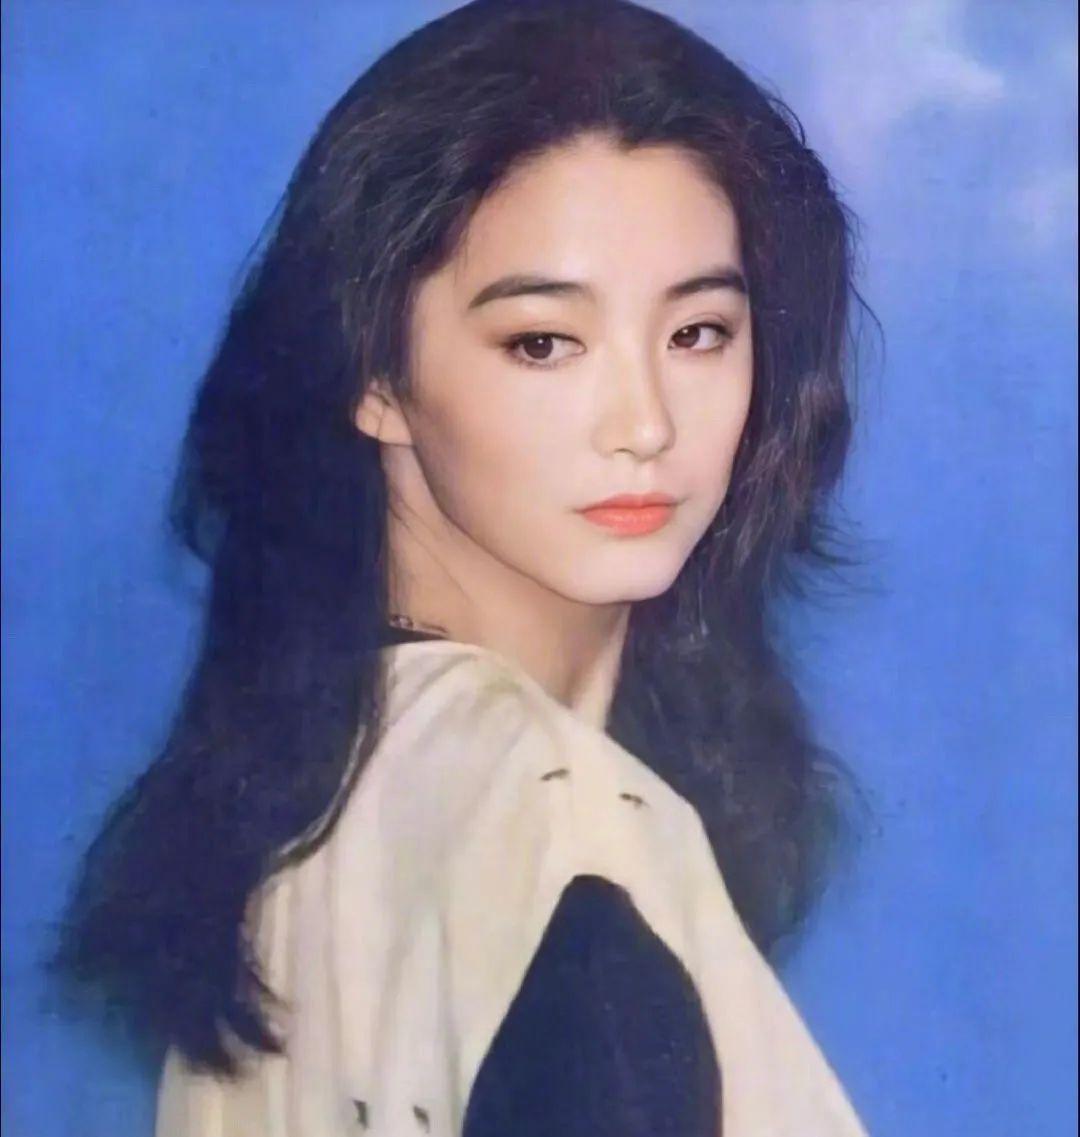 妹子写真 -年轻版林青霞和韩国美女金智秀,你更喜欢哪位呢?_图片 No.8